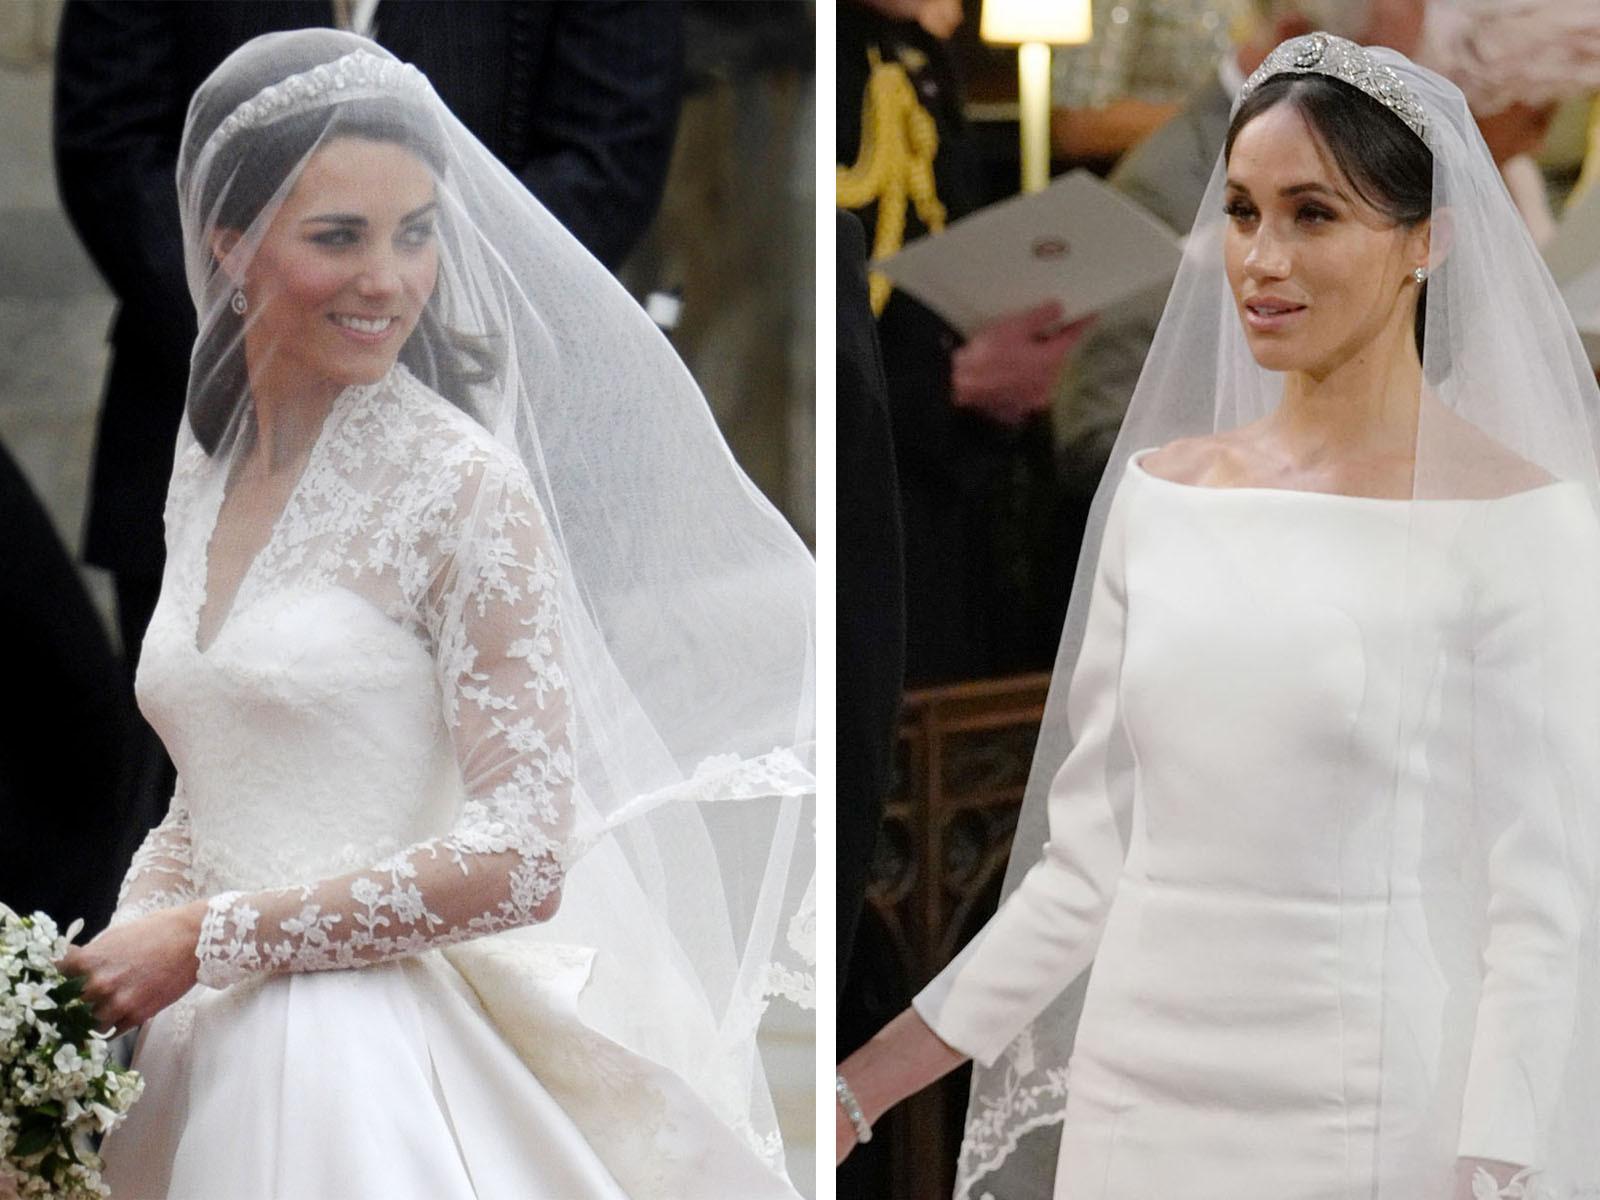 Hochzeit Harry Meghan Kate  Prinz Harry und Meghan Markle David Beckham macht mit